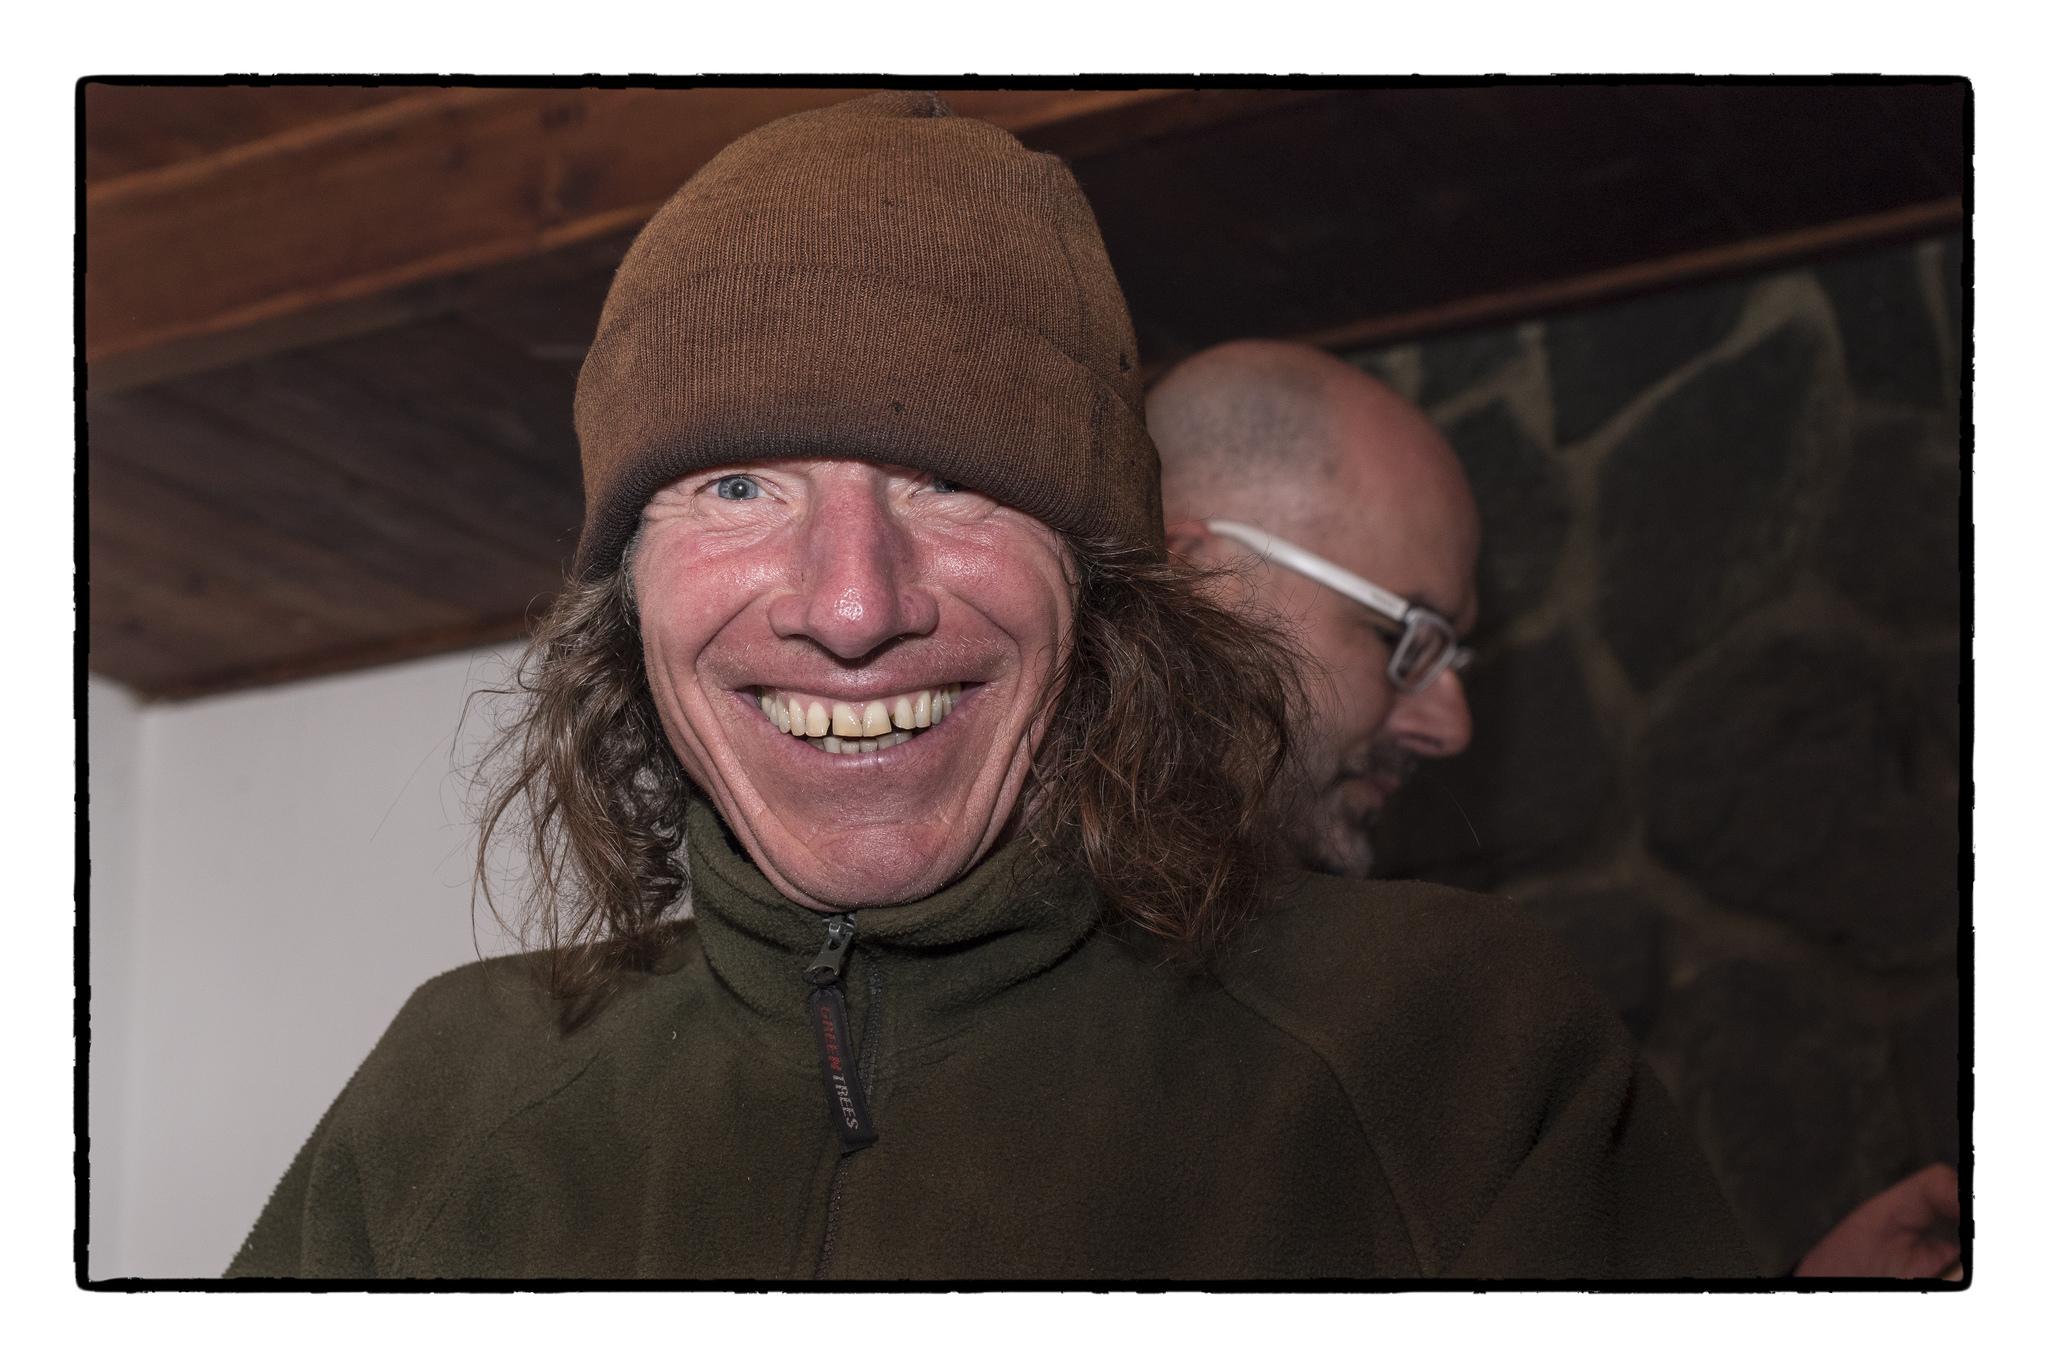 Večerní promítání s Prcasem – lezení, yosemitská žula 13. 4. 2019  v hospodě U Kosti